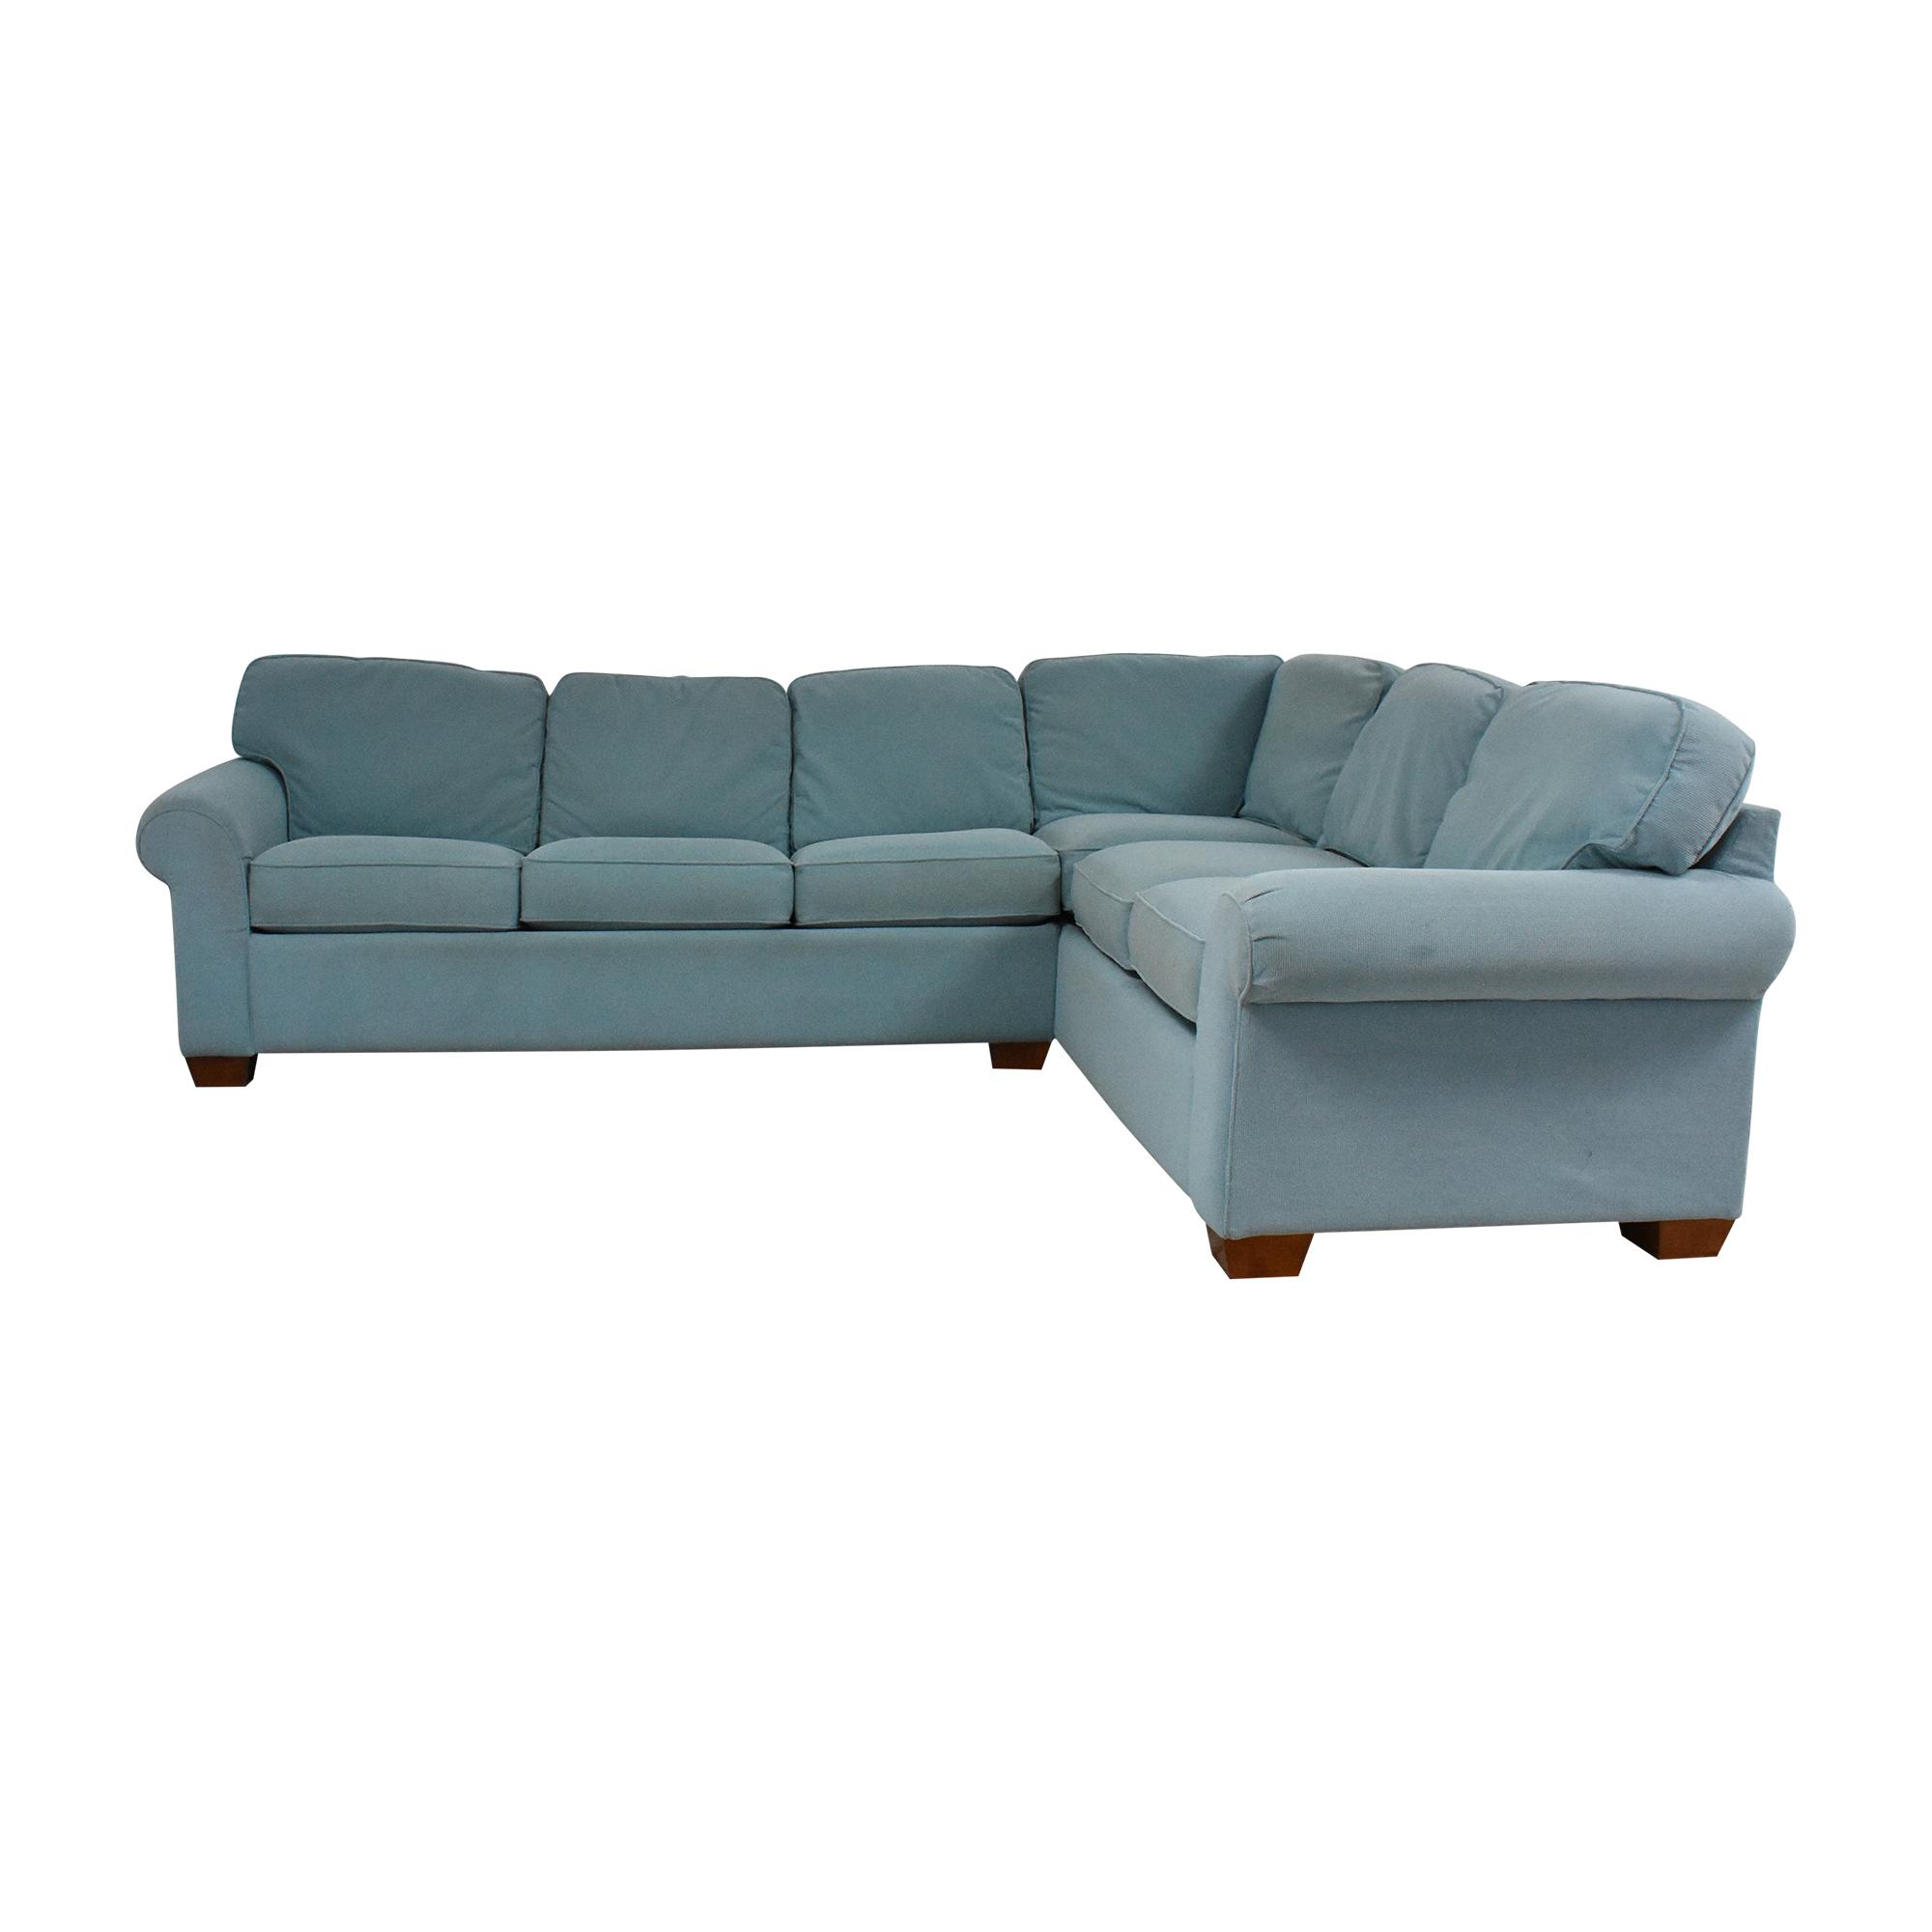 La-Z-Boy La-Z-Boy Corner Sectional Sleeper Sofa coupon